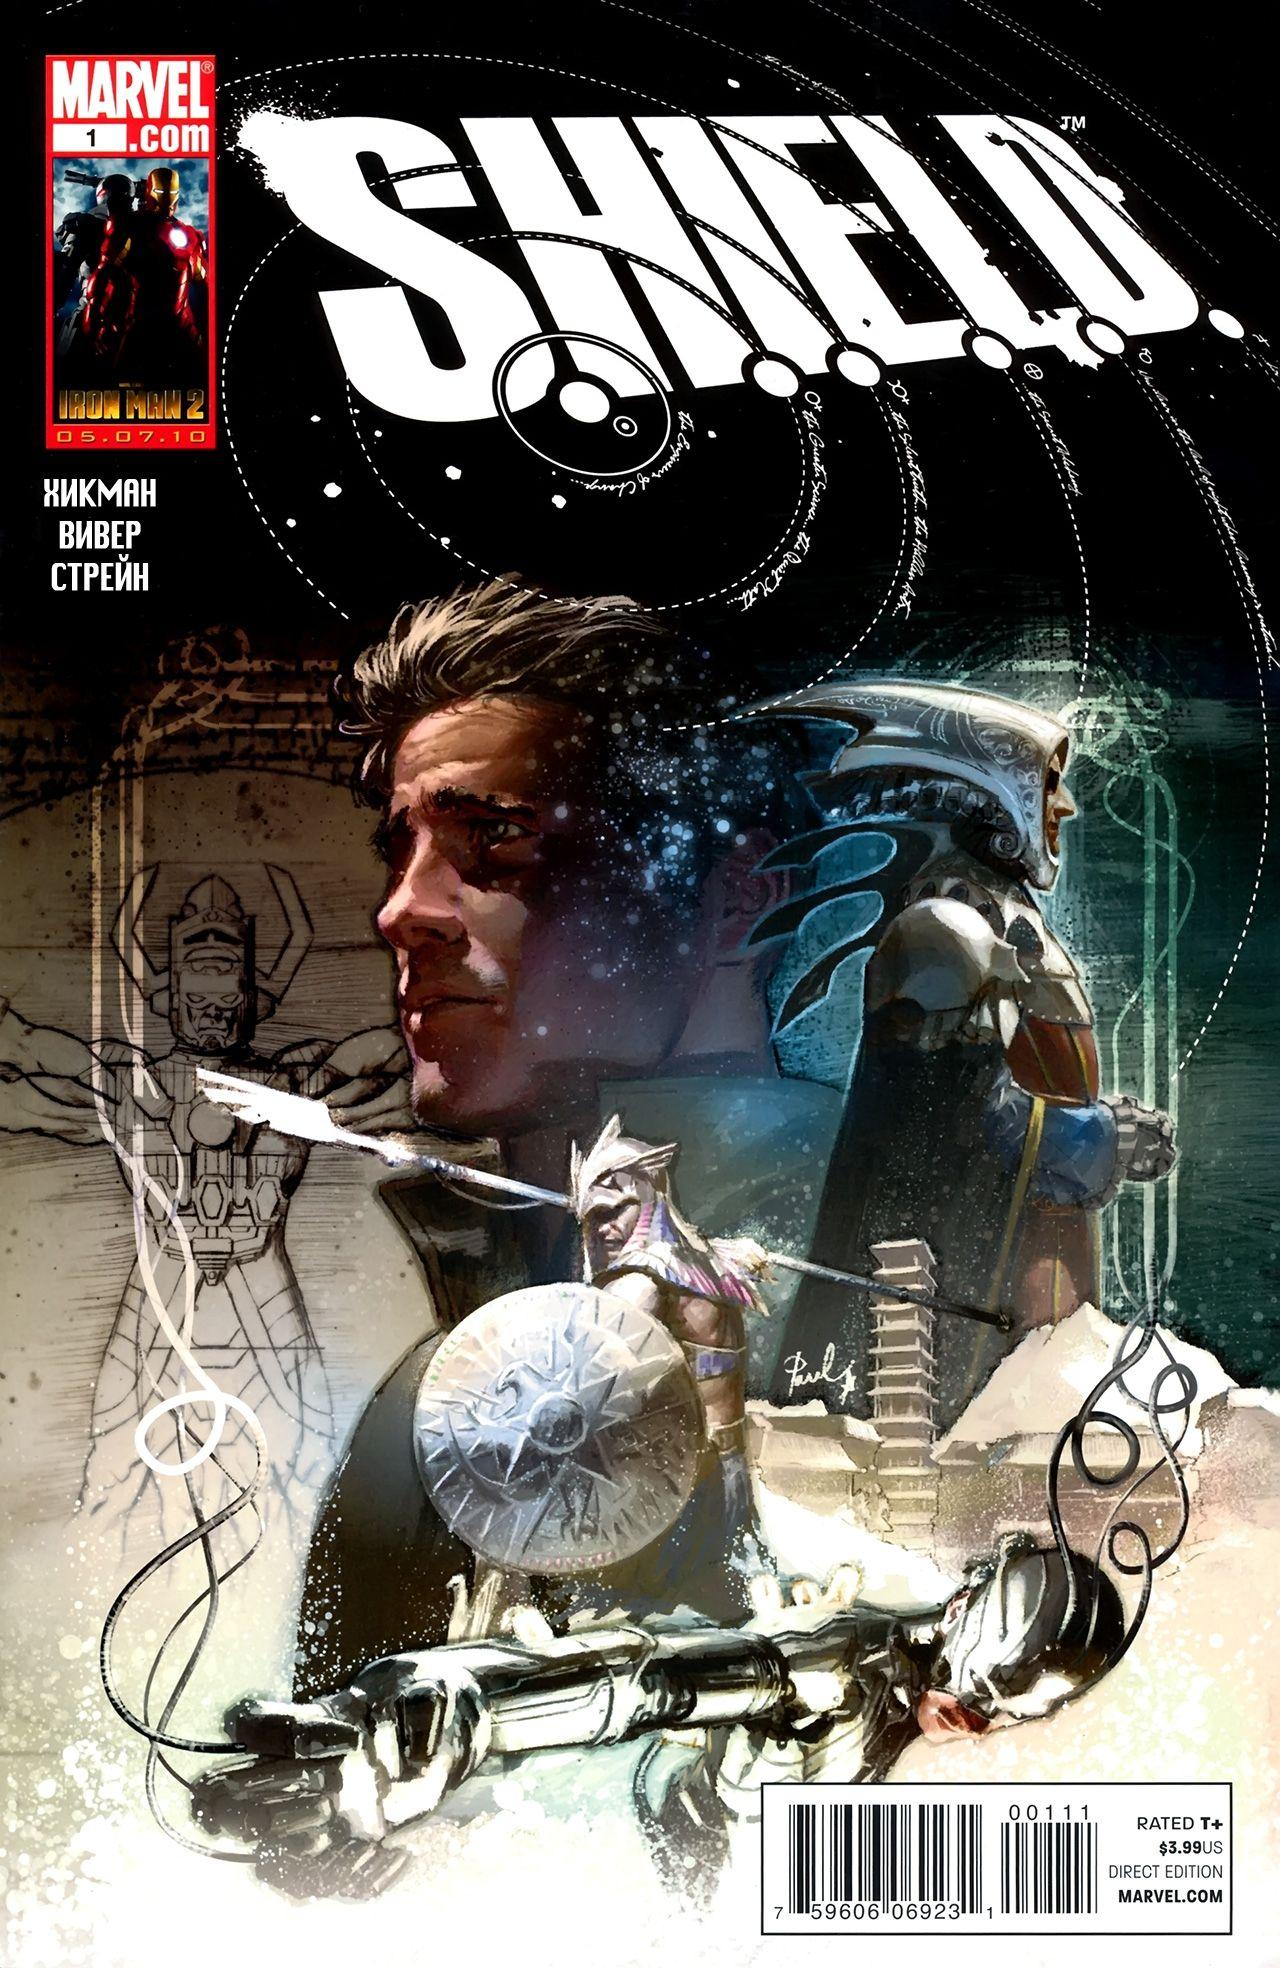 Комиксы Онлайн - Щит том 1 - # 1 - Страница №1 - S.H.I.E.L.D. vol 1 - # 1